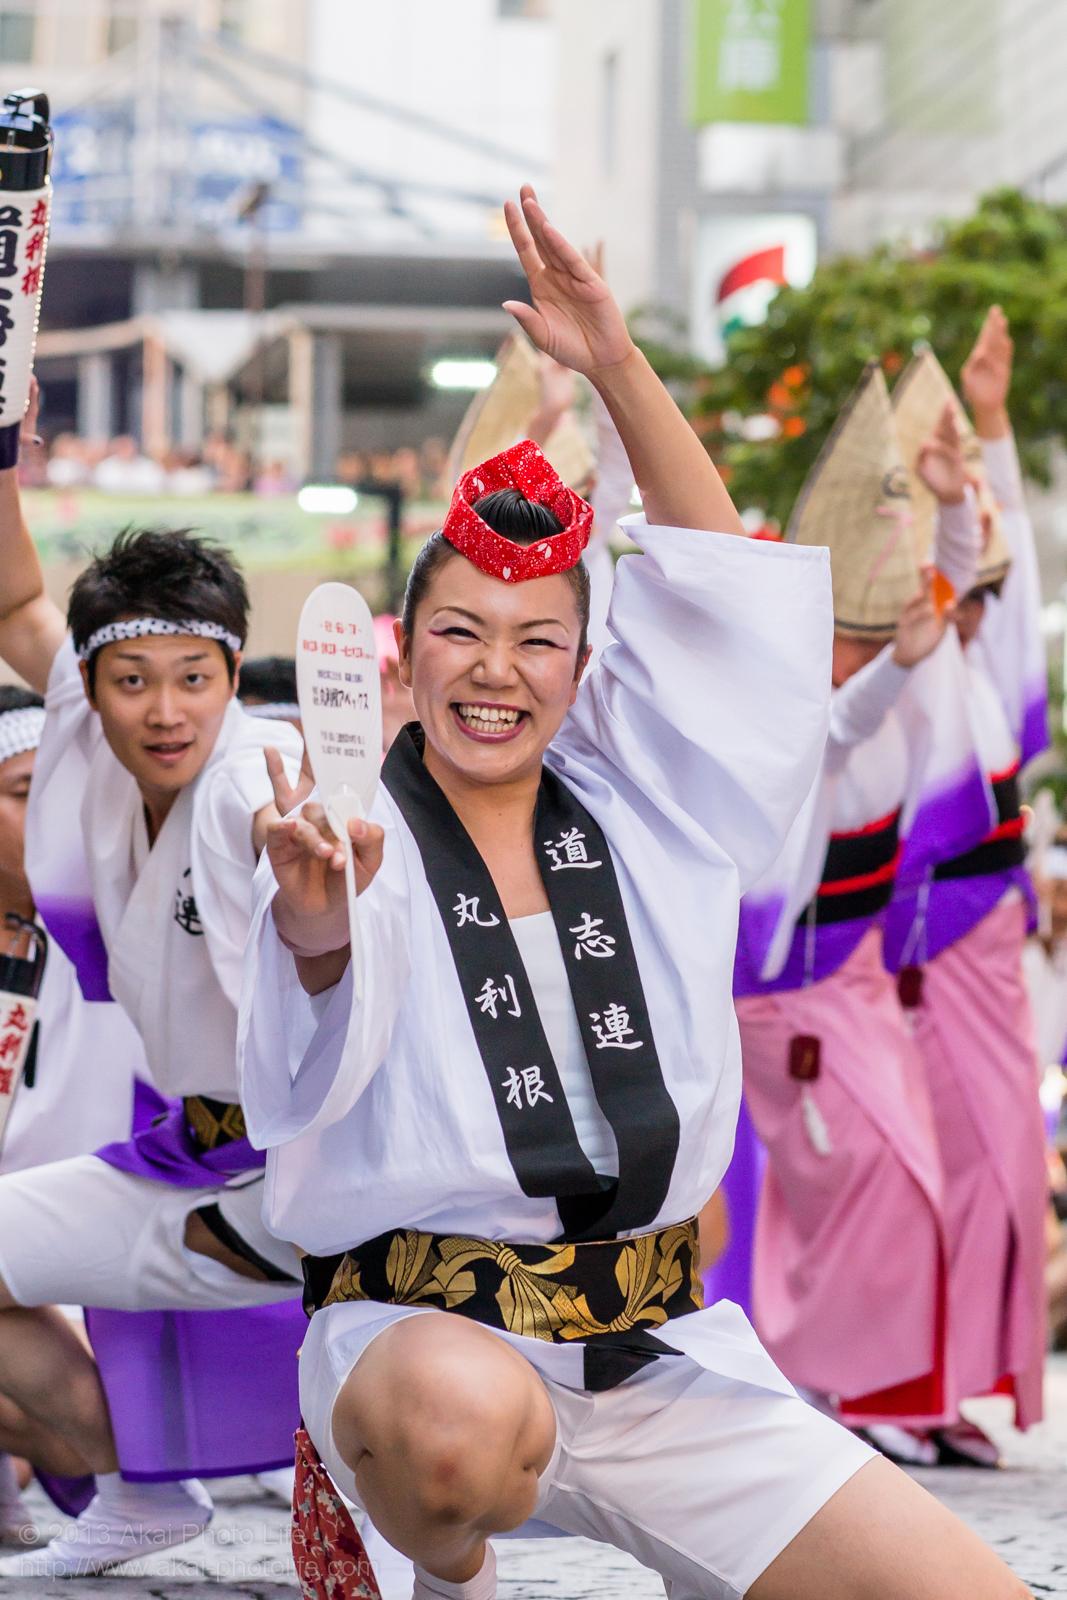 三鷹阿波踊り 道志連の女性の男踊り